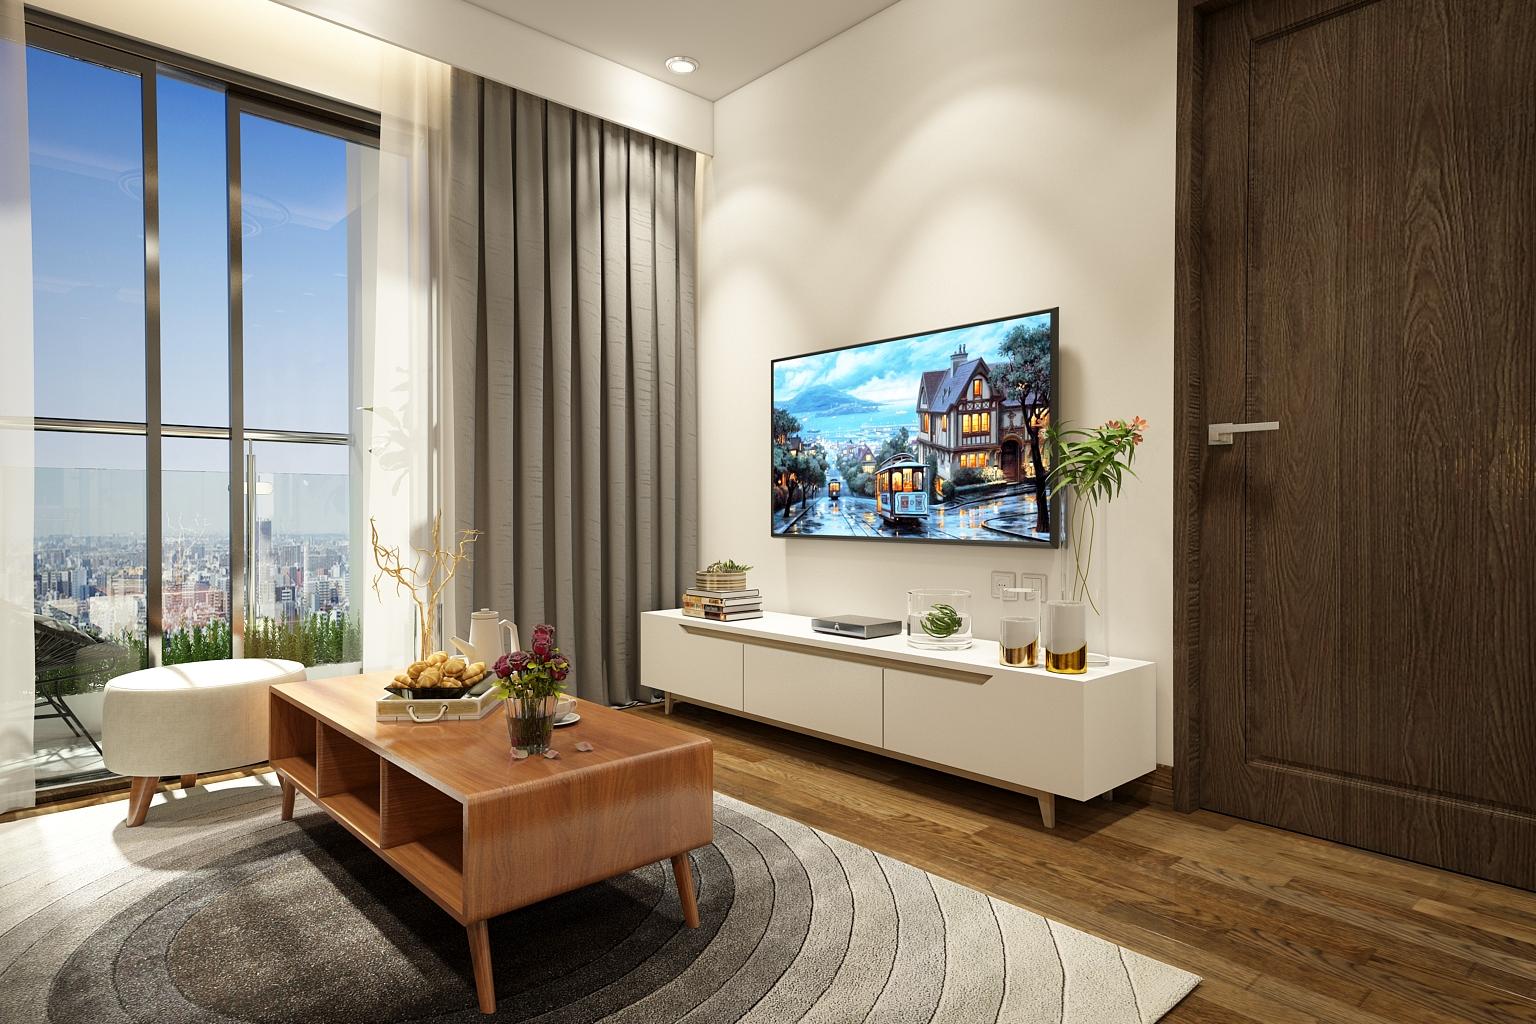 thiết kế nội thất chung cư tại Hà Nội Chung Cư An Bình City 1 1538039760